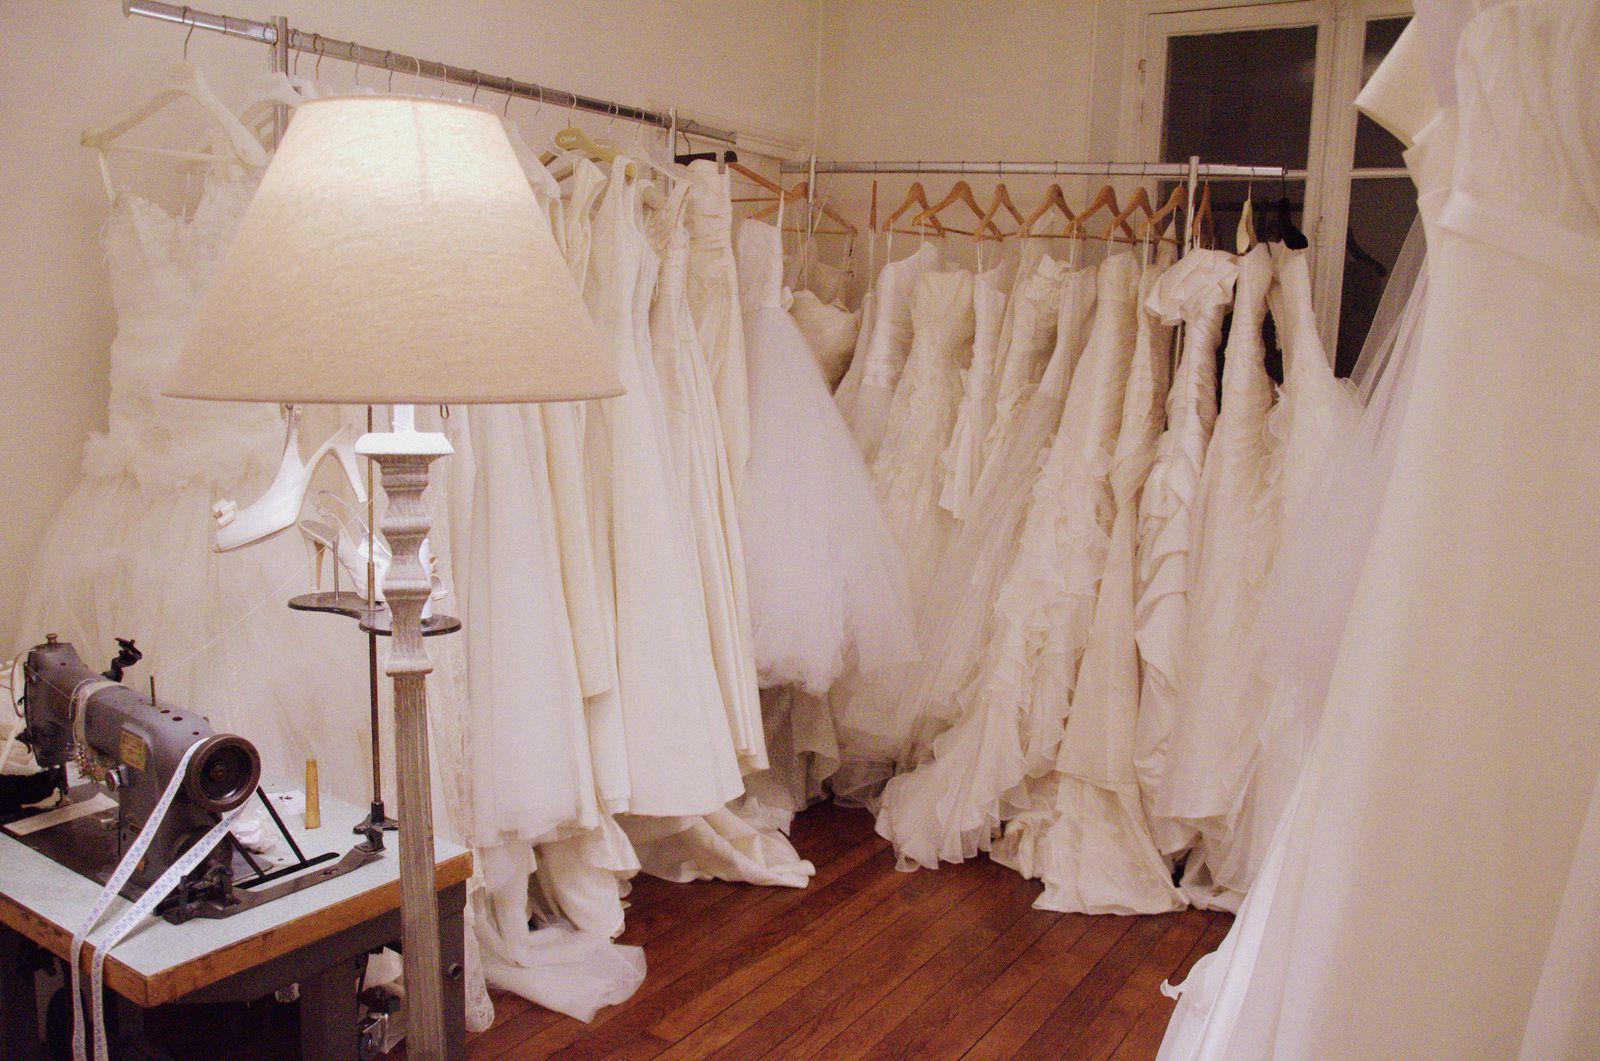 150 robes de mariée sont au Dressing Club. Un showroom pour des mariées souhaitant trouver une robe de créateur ou de grandes boutiques parisiennes à des prix vente privée! Le Dressing Club se caractérise également par la présence de nombreuses robes Delphine Manivet...